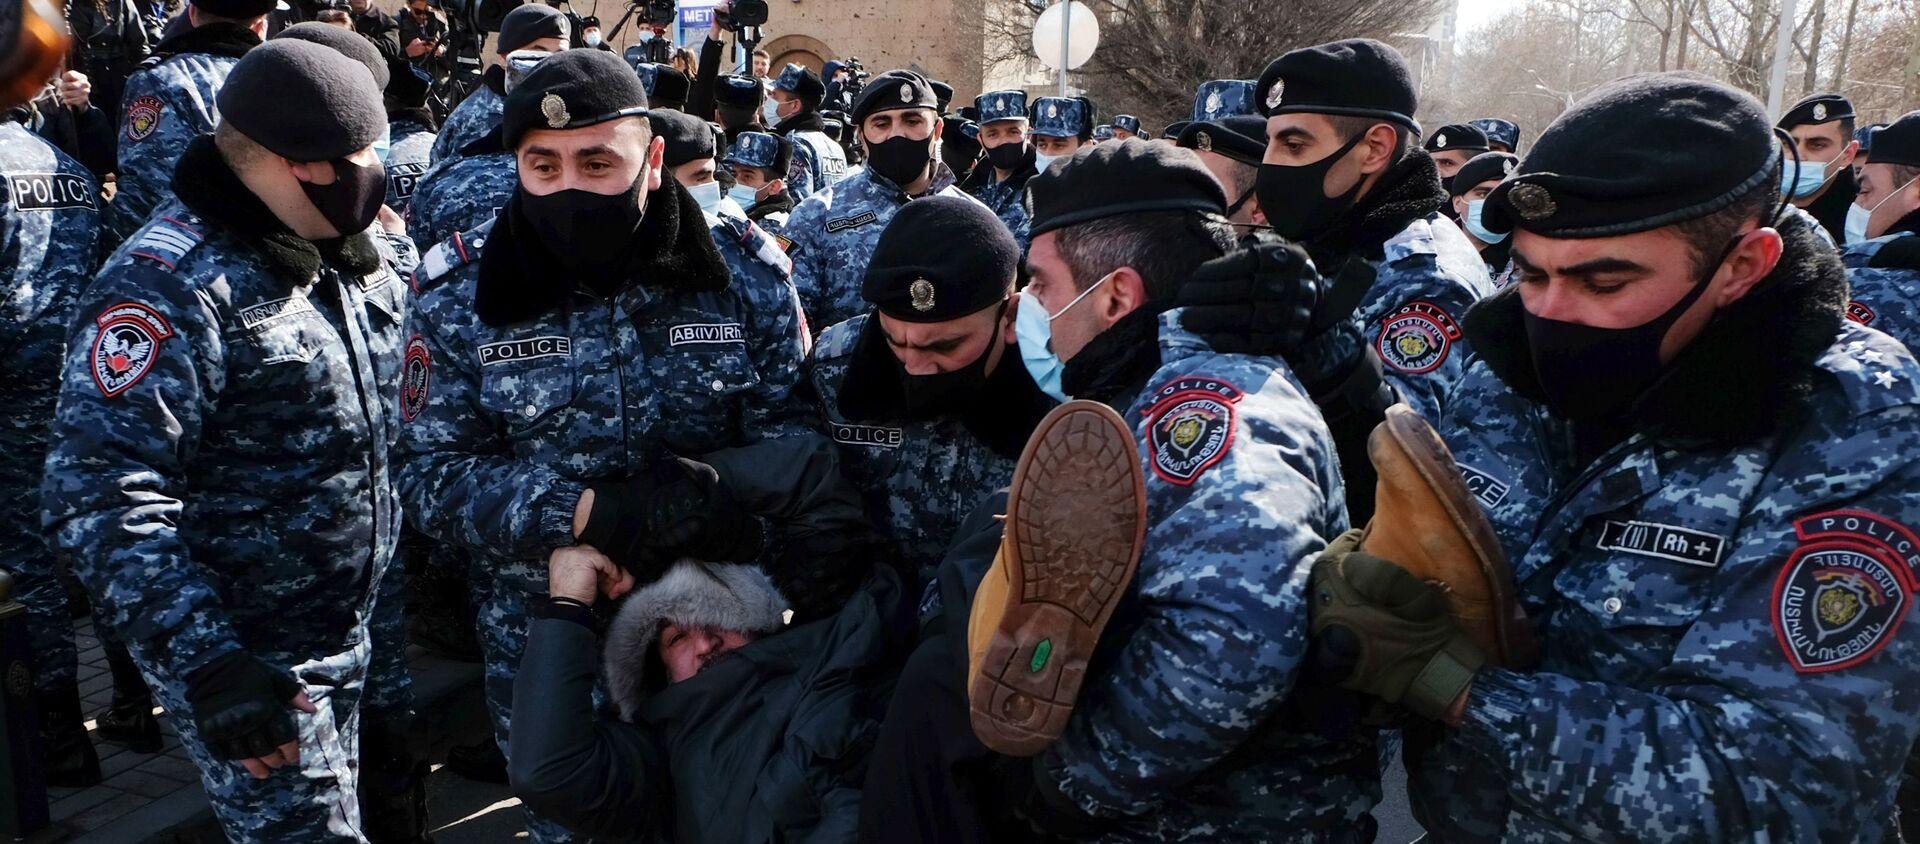 Сотрудники полиции задерживают участника акции протеста в Армении - Sputnik Таджикистан, 1920, 25.02.2021